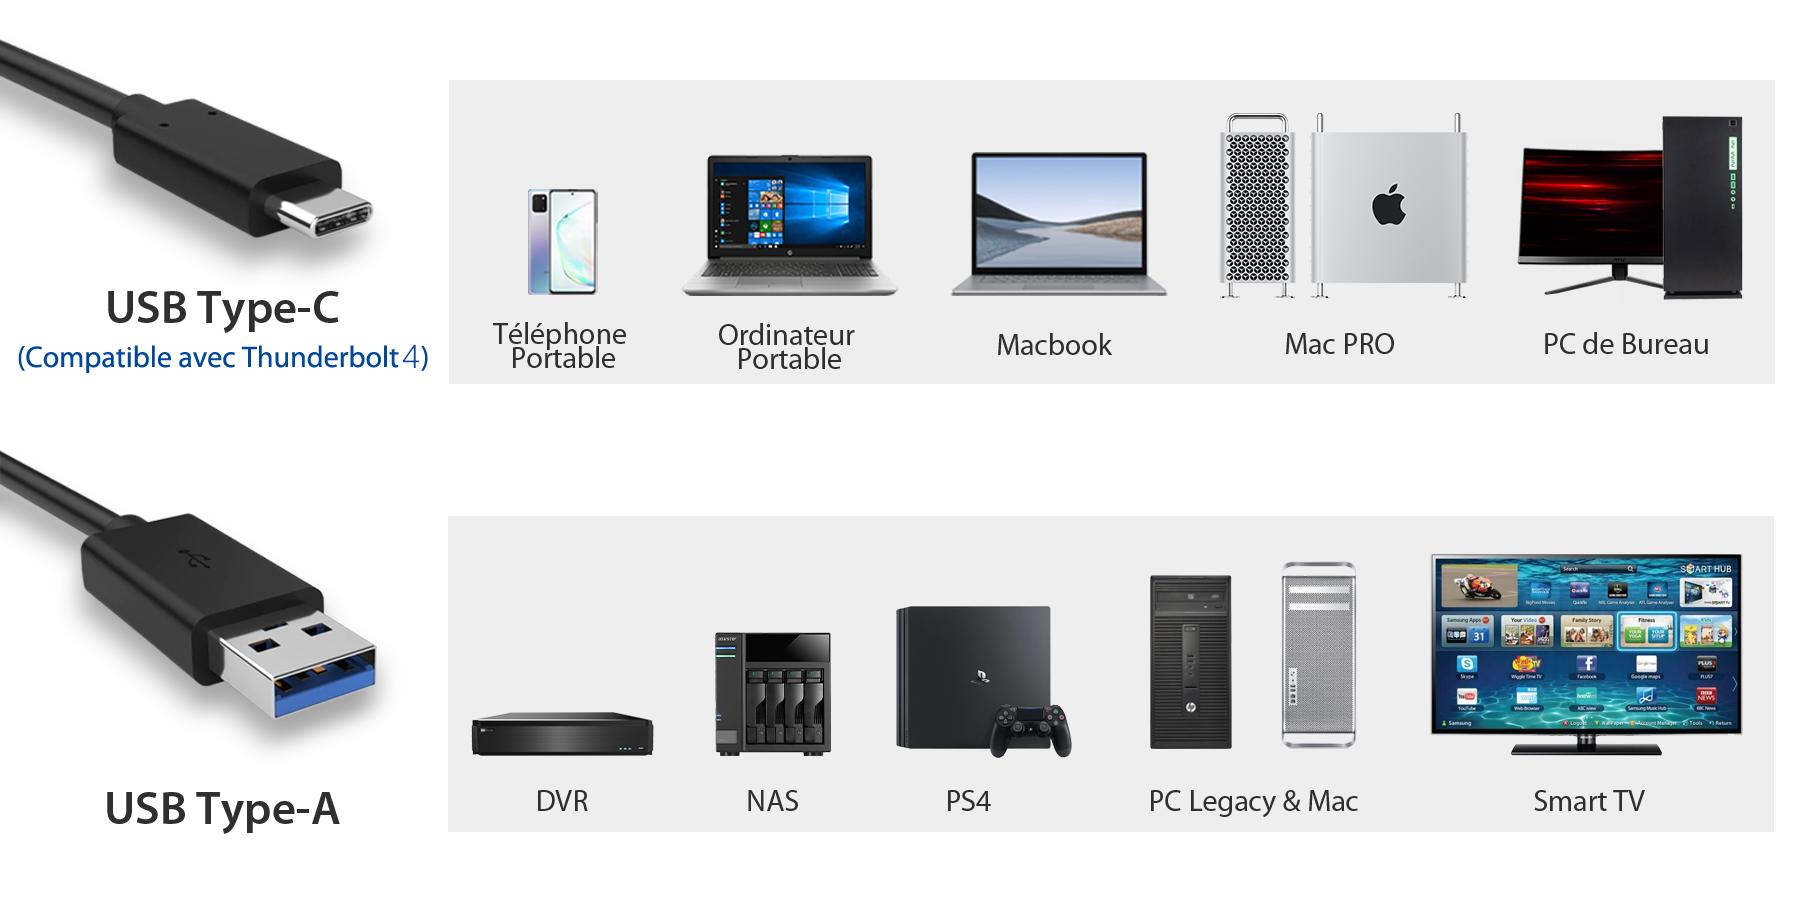 photo des différents systèmes compatibles avec l'USB de type C et type A